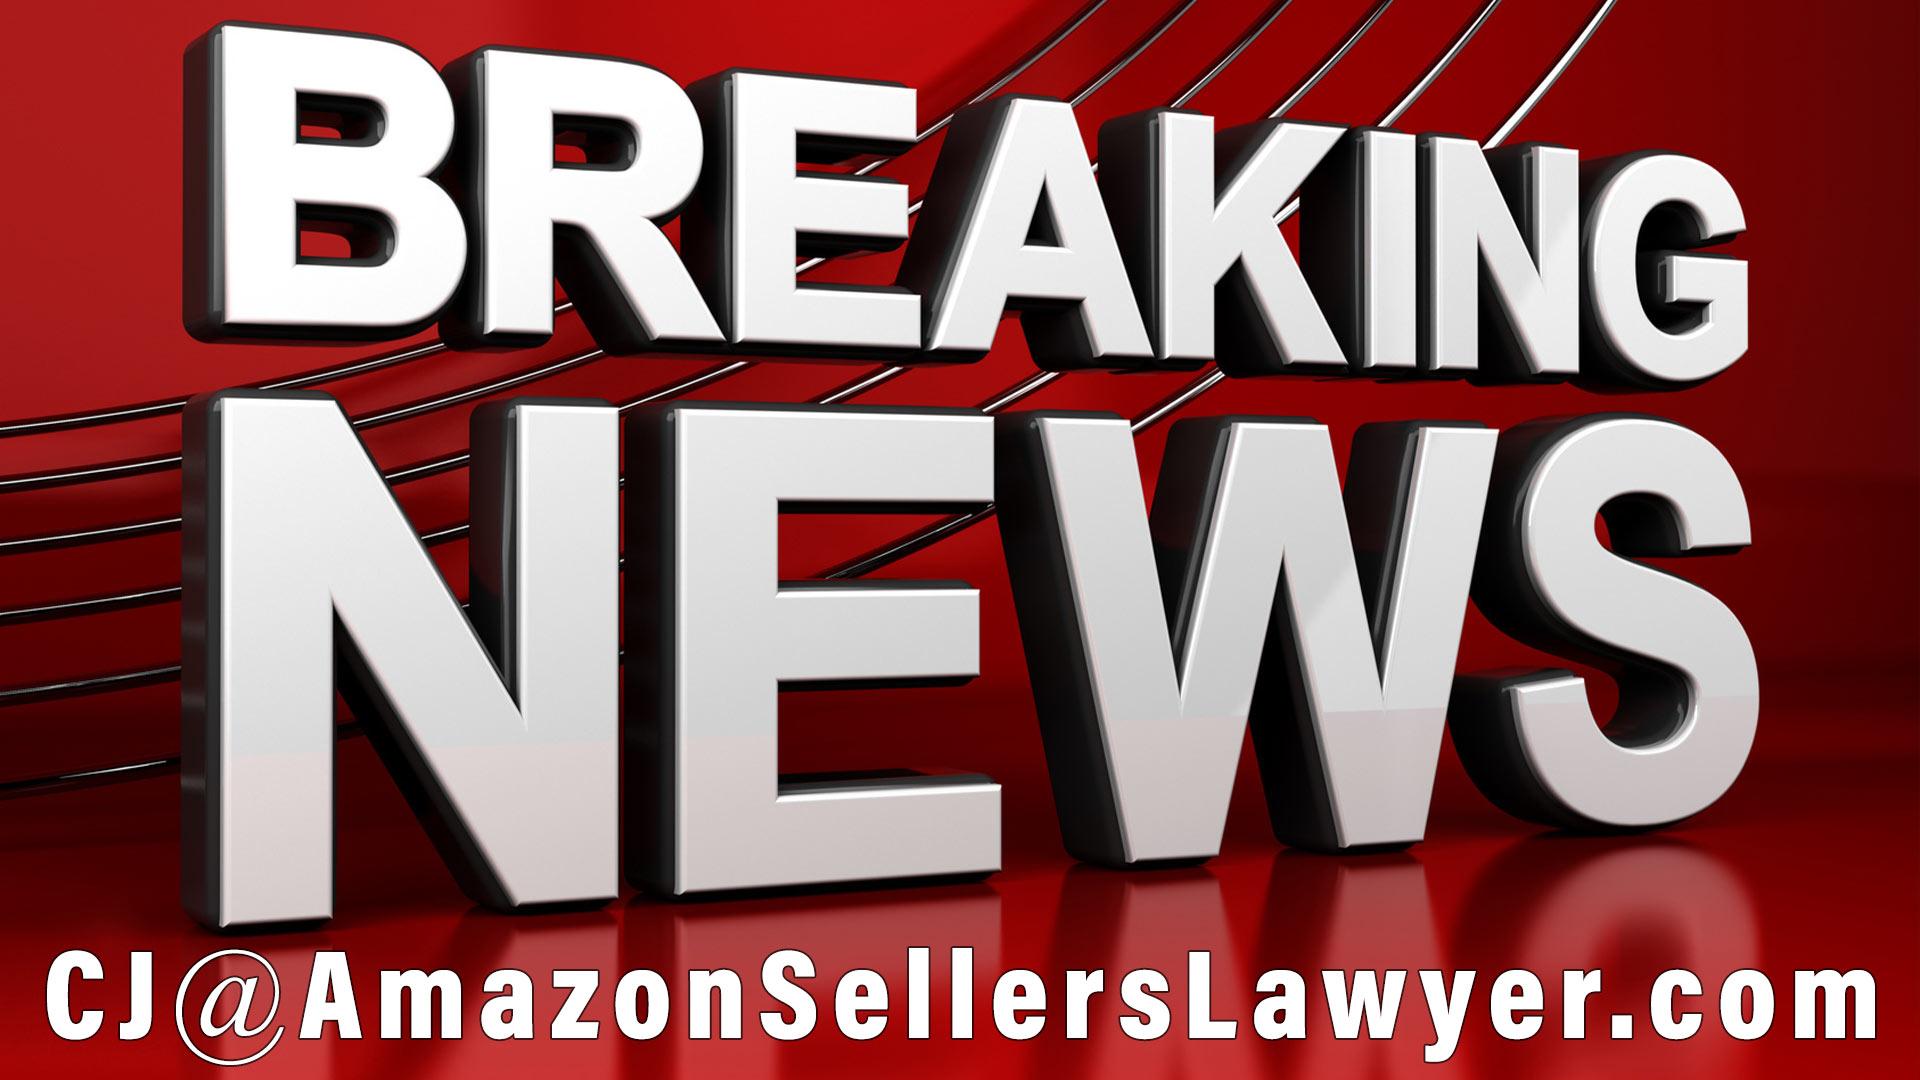 Amazon Seller News